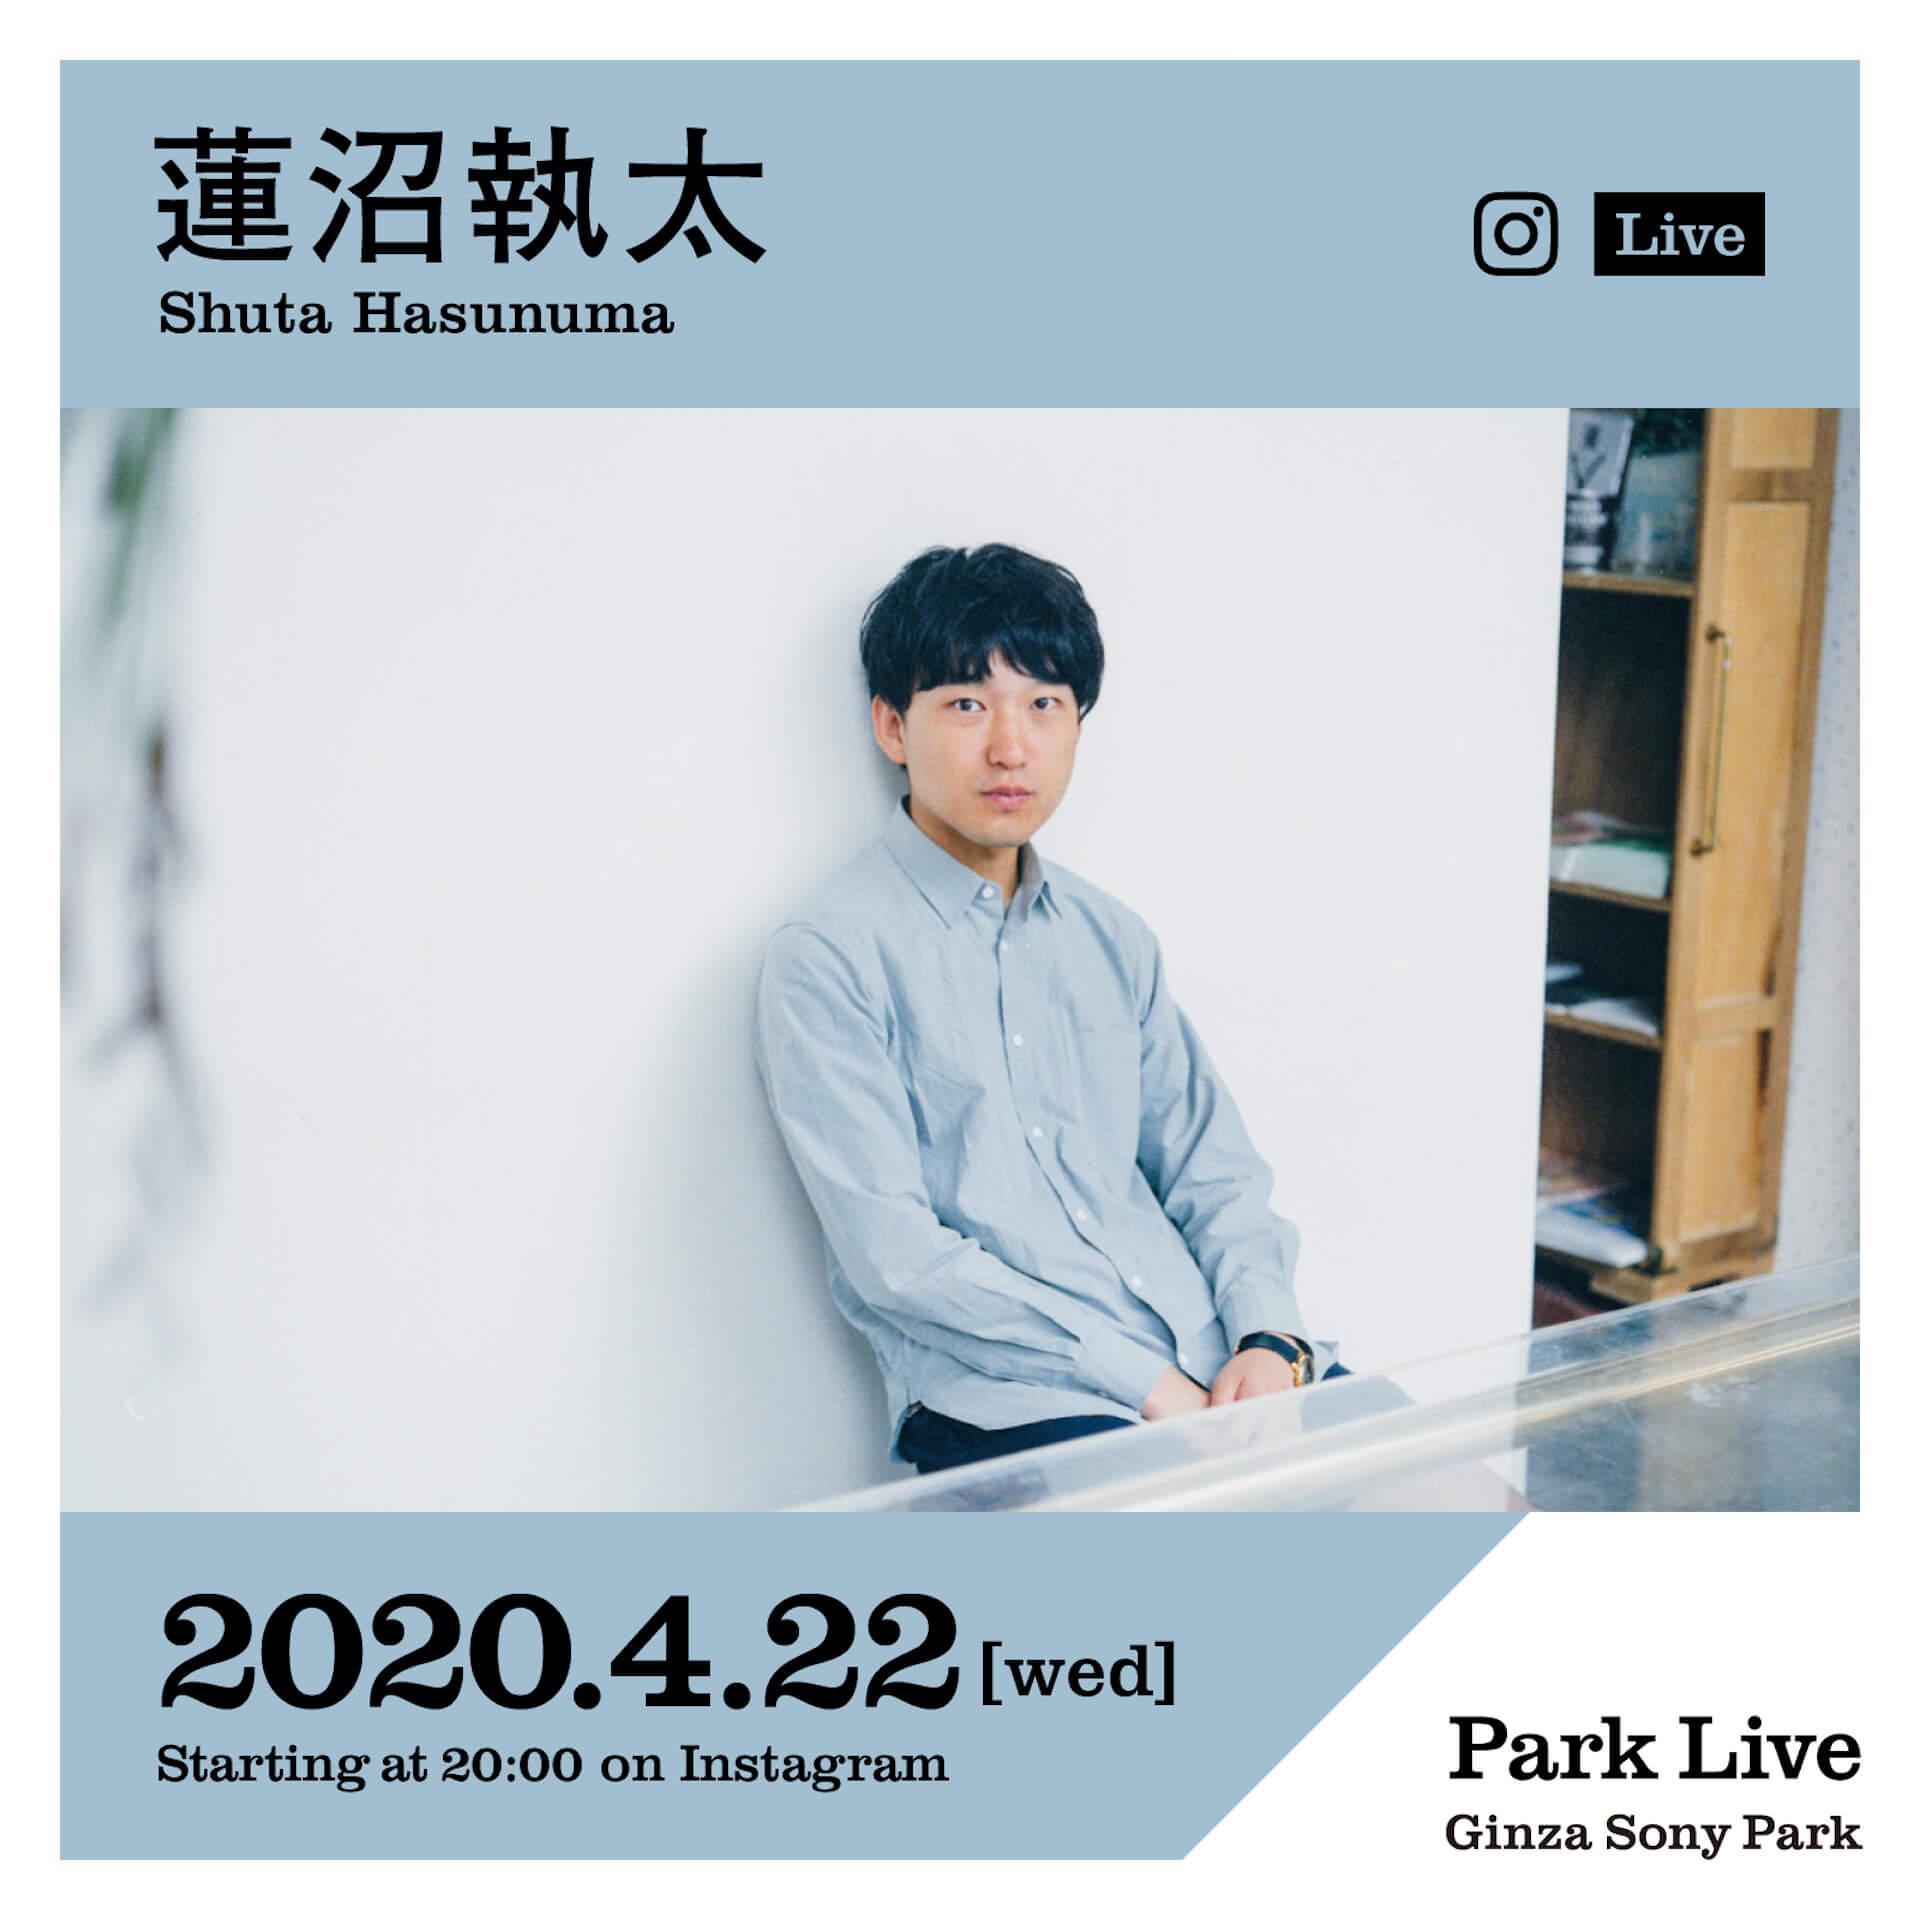 蓮沼執太、Ginza Sony Park『Park Live』主催のInstagram配信に自宅から生出演|新曲のプレビューも music200421_hasunumashuta_main